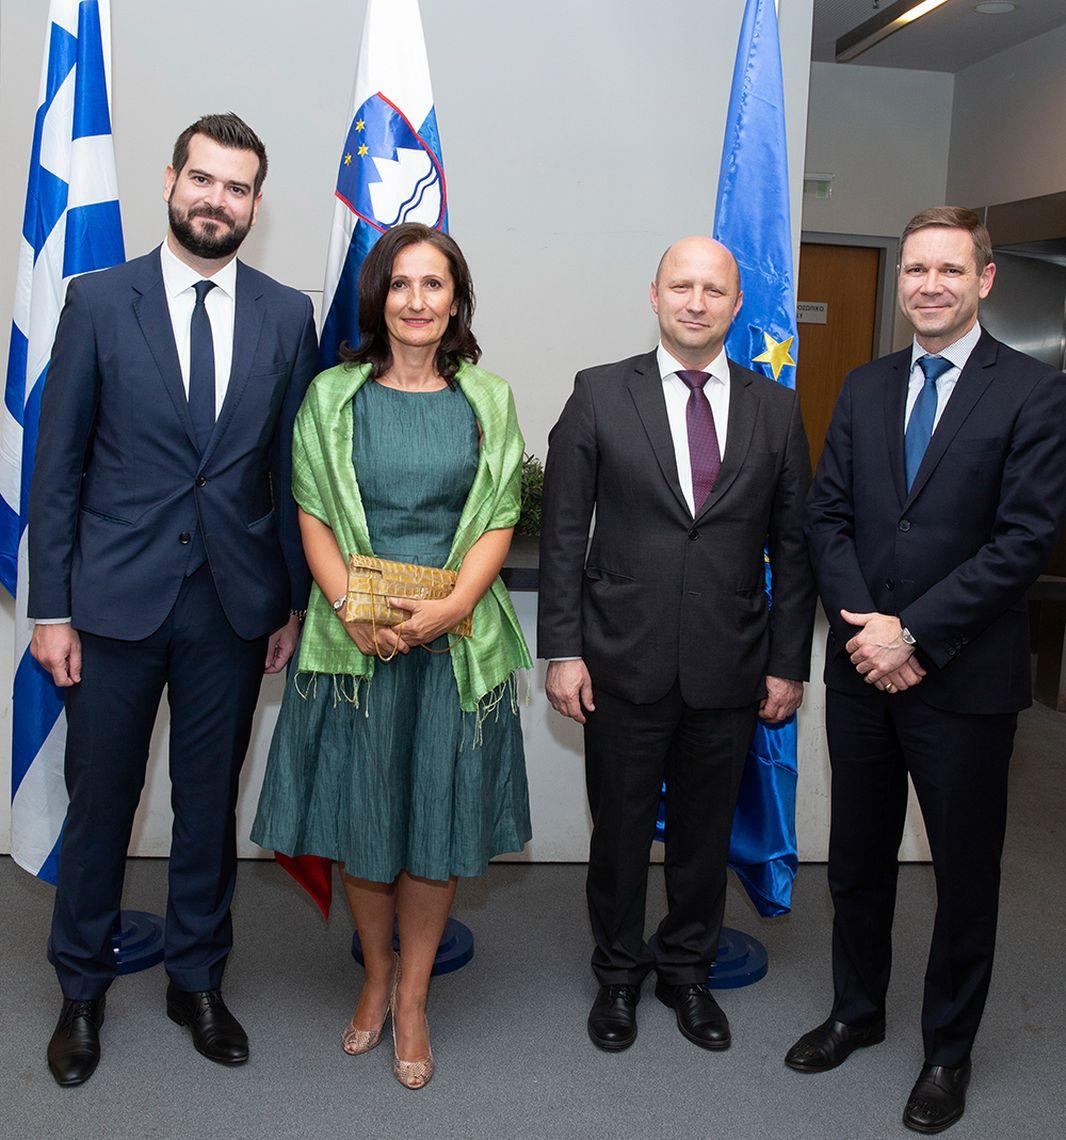 Δεξίωση από την πρεσβεία της Σλοβενίας με αφορμή τα εγκαίνια επίτιμου προξενείου στη Θεσσαλονίκη